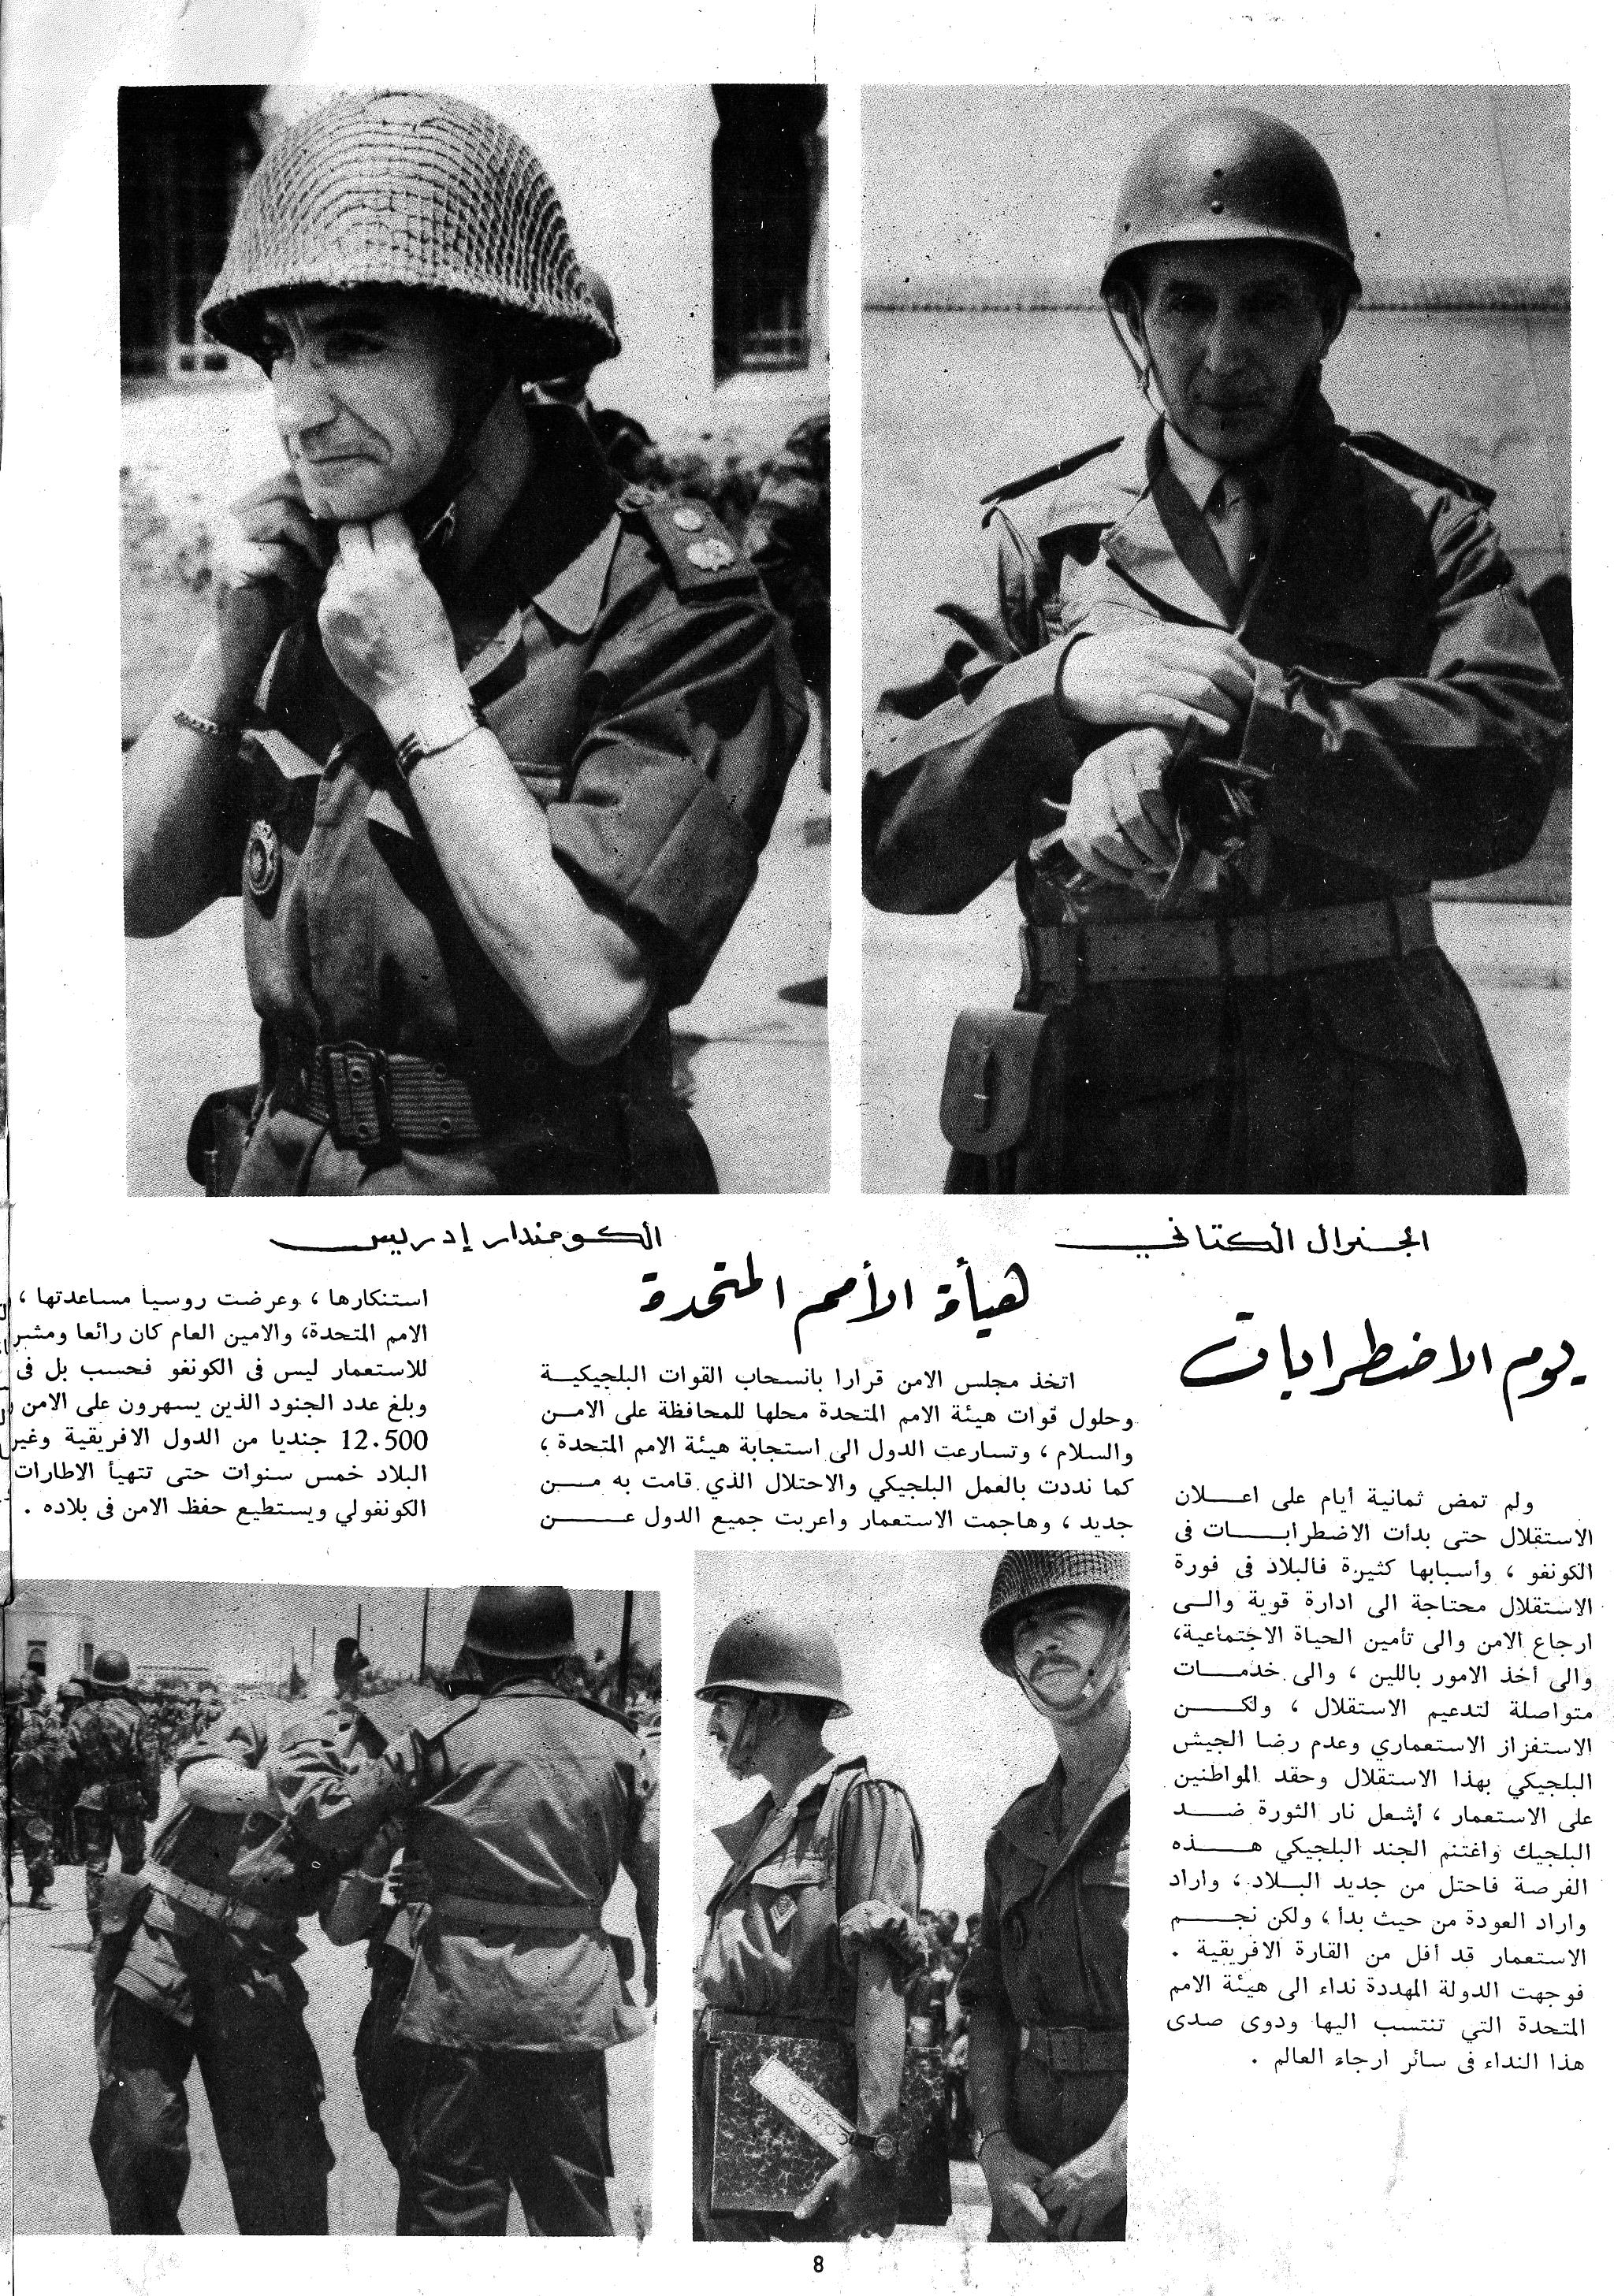 Les Forces Armées Royales au Congo - ONUC - 1960/61 48726874943_36c37d28fc_o